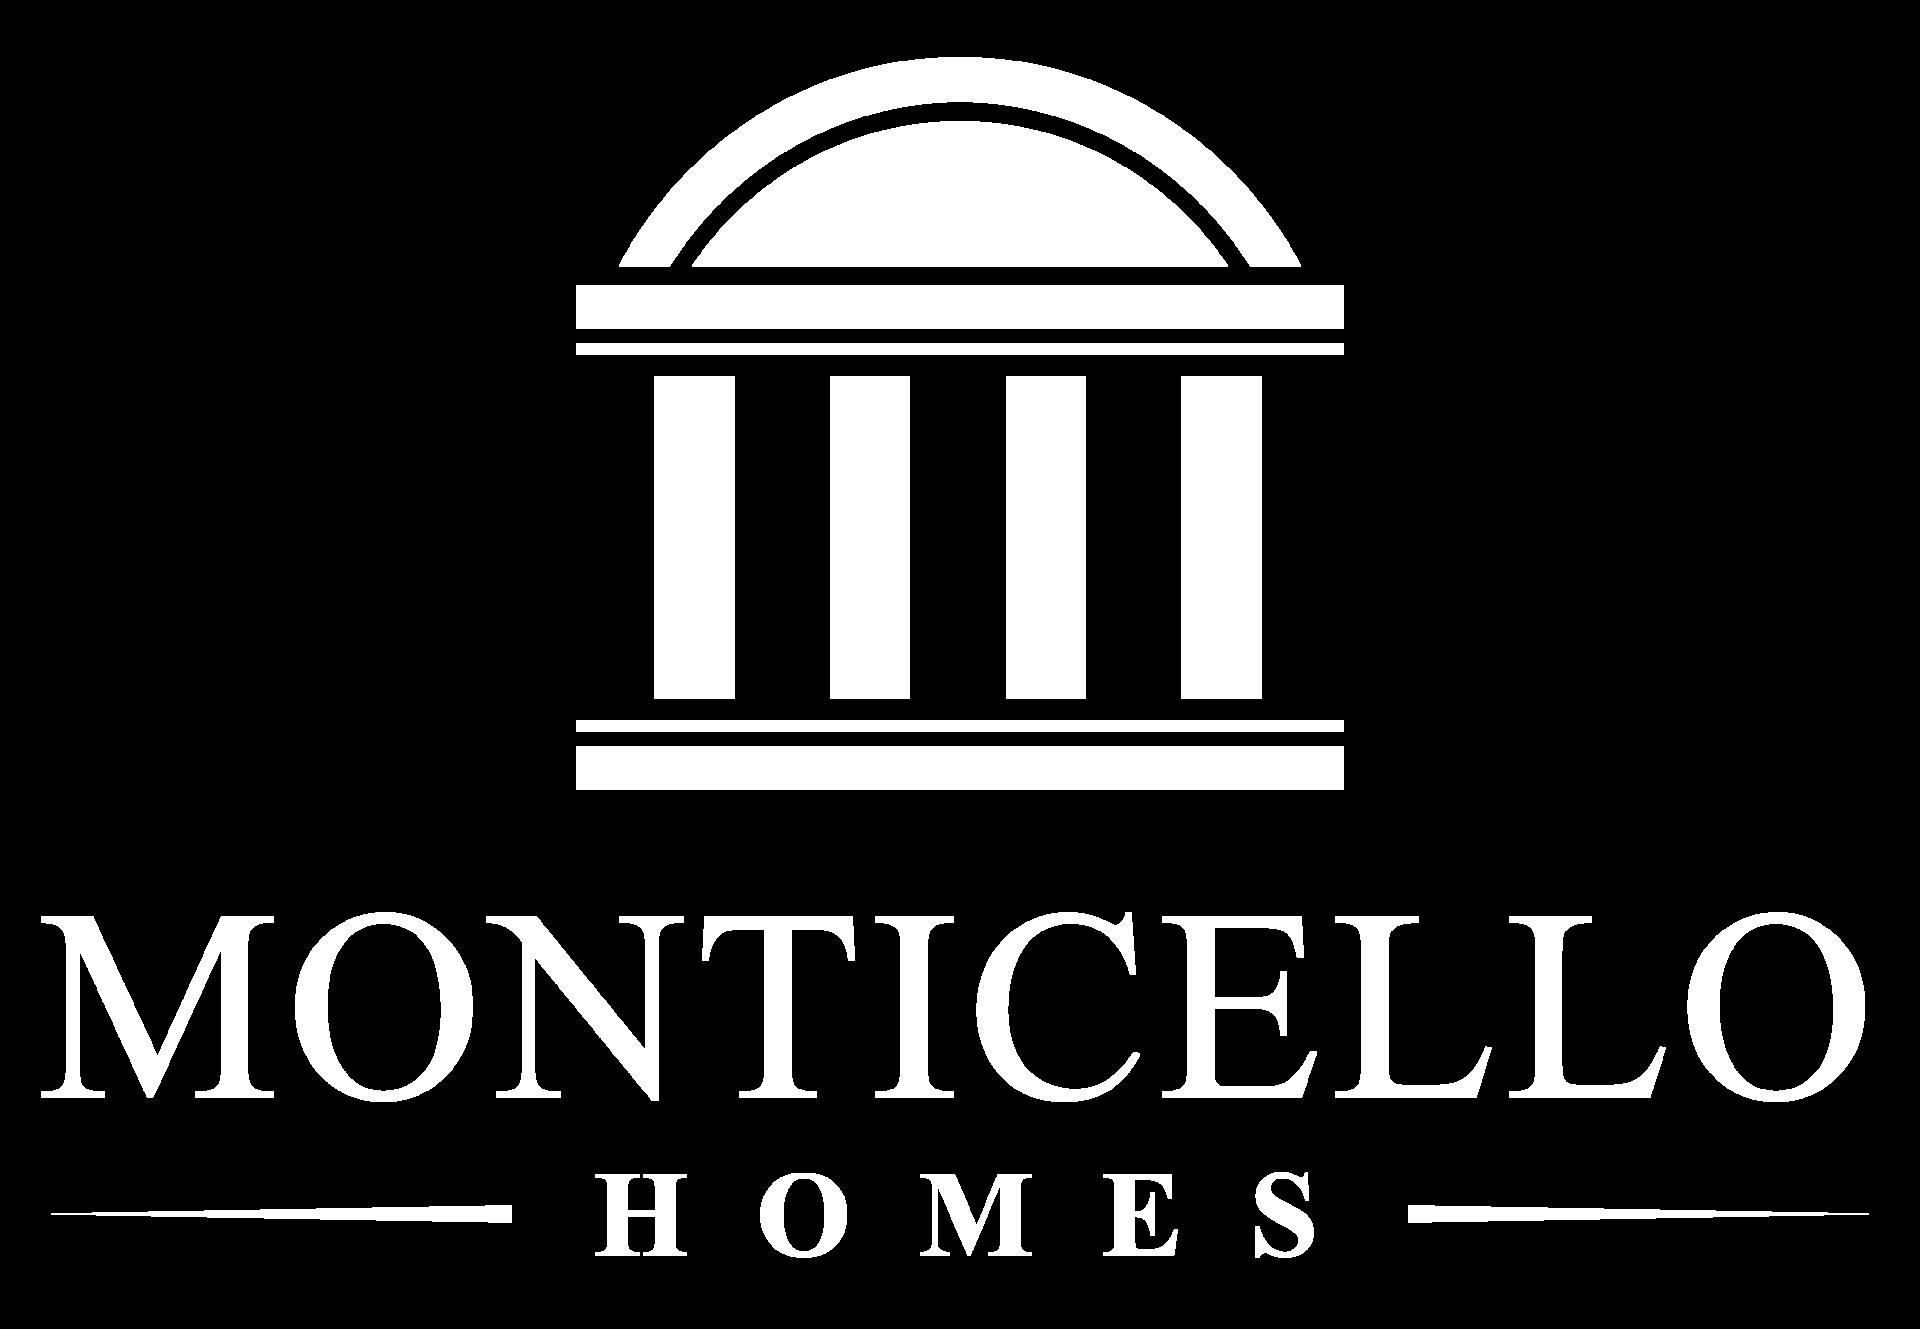 Monticello Homes